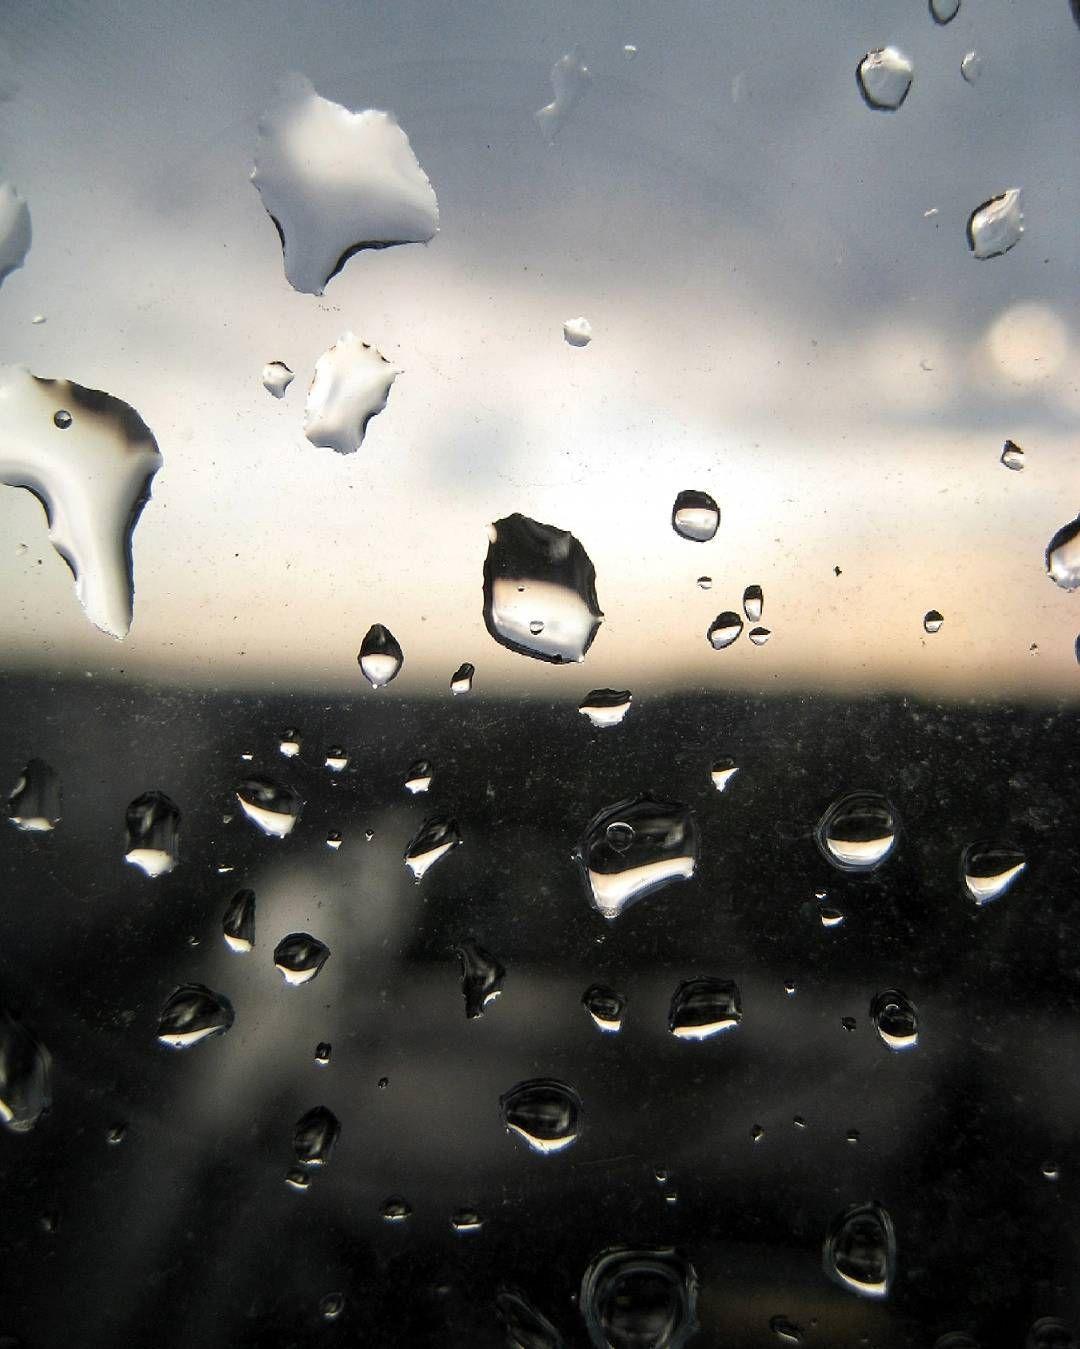 Rain iphone wallpaper tumblr - Mood Vsco Vscocam Vscoua Vscoukraine Vsco Photography Tumblr Photographyphotography Ideaswallpaper